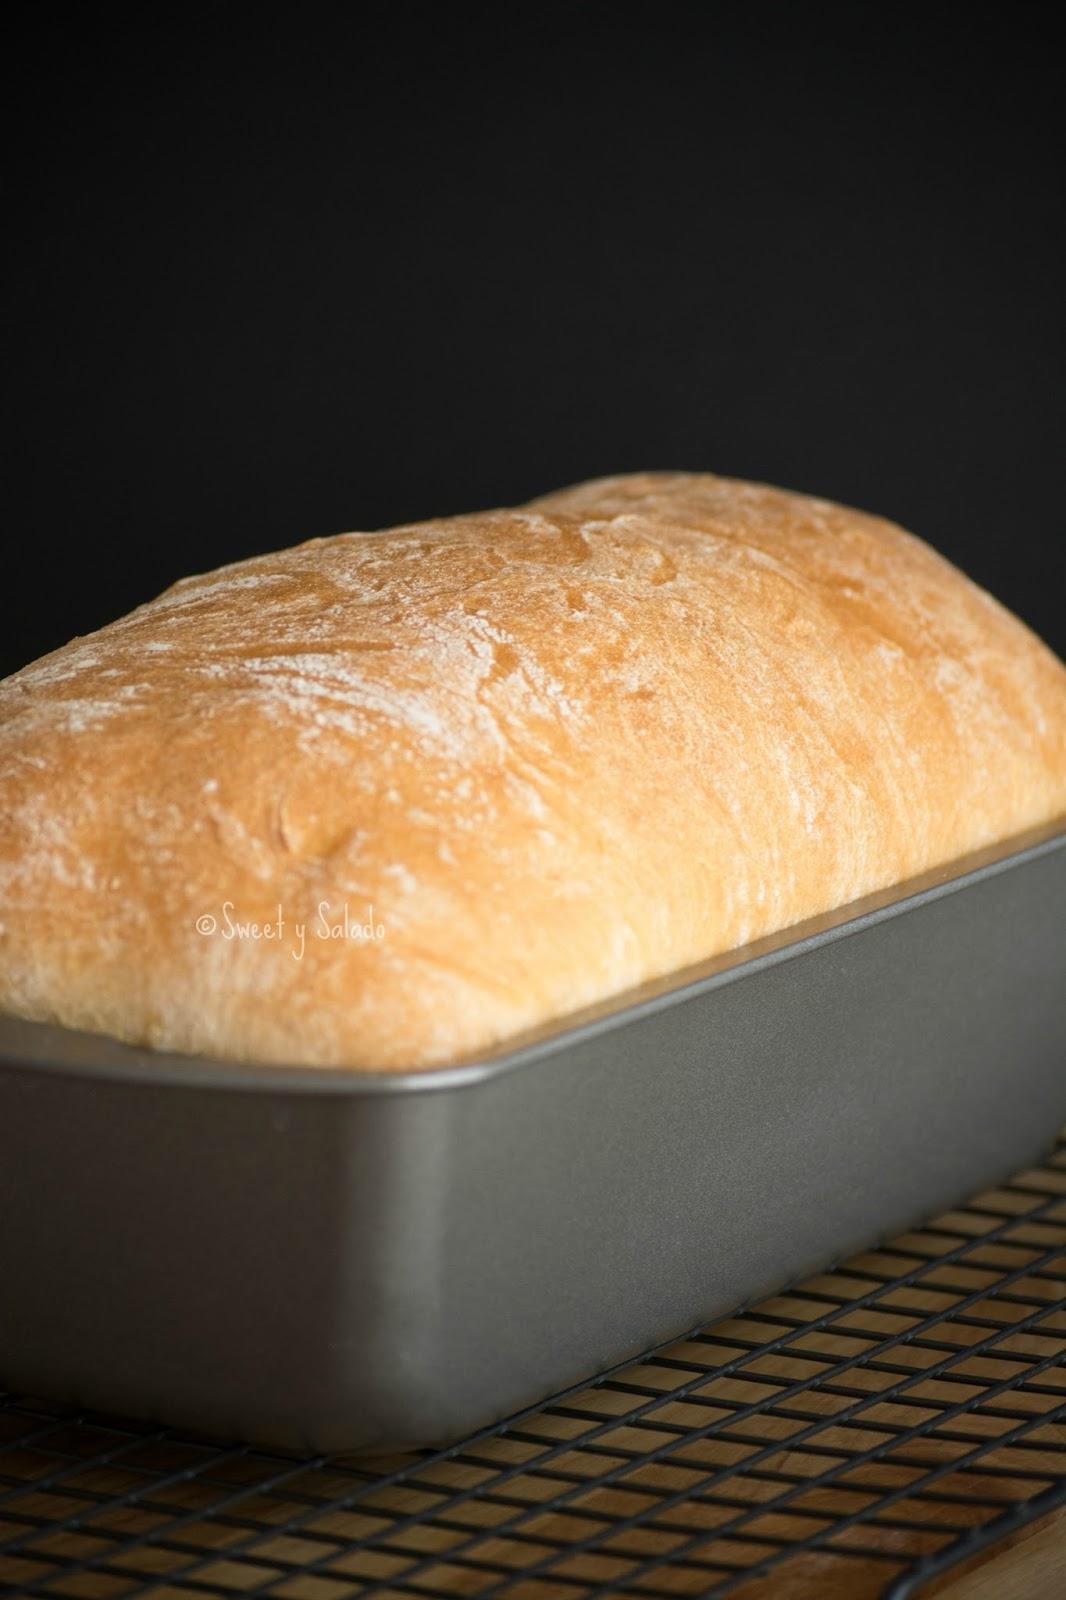 Basic White Sandwich Bread Sweet Y Salado